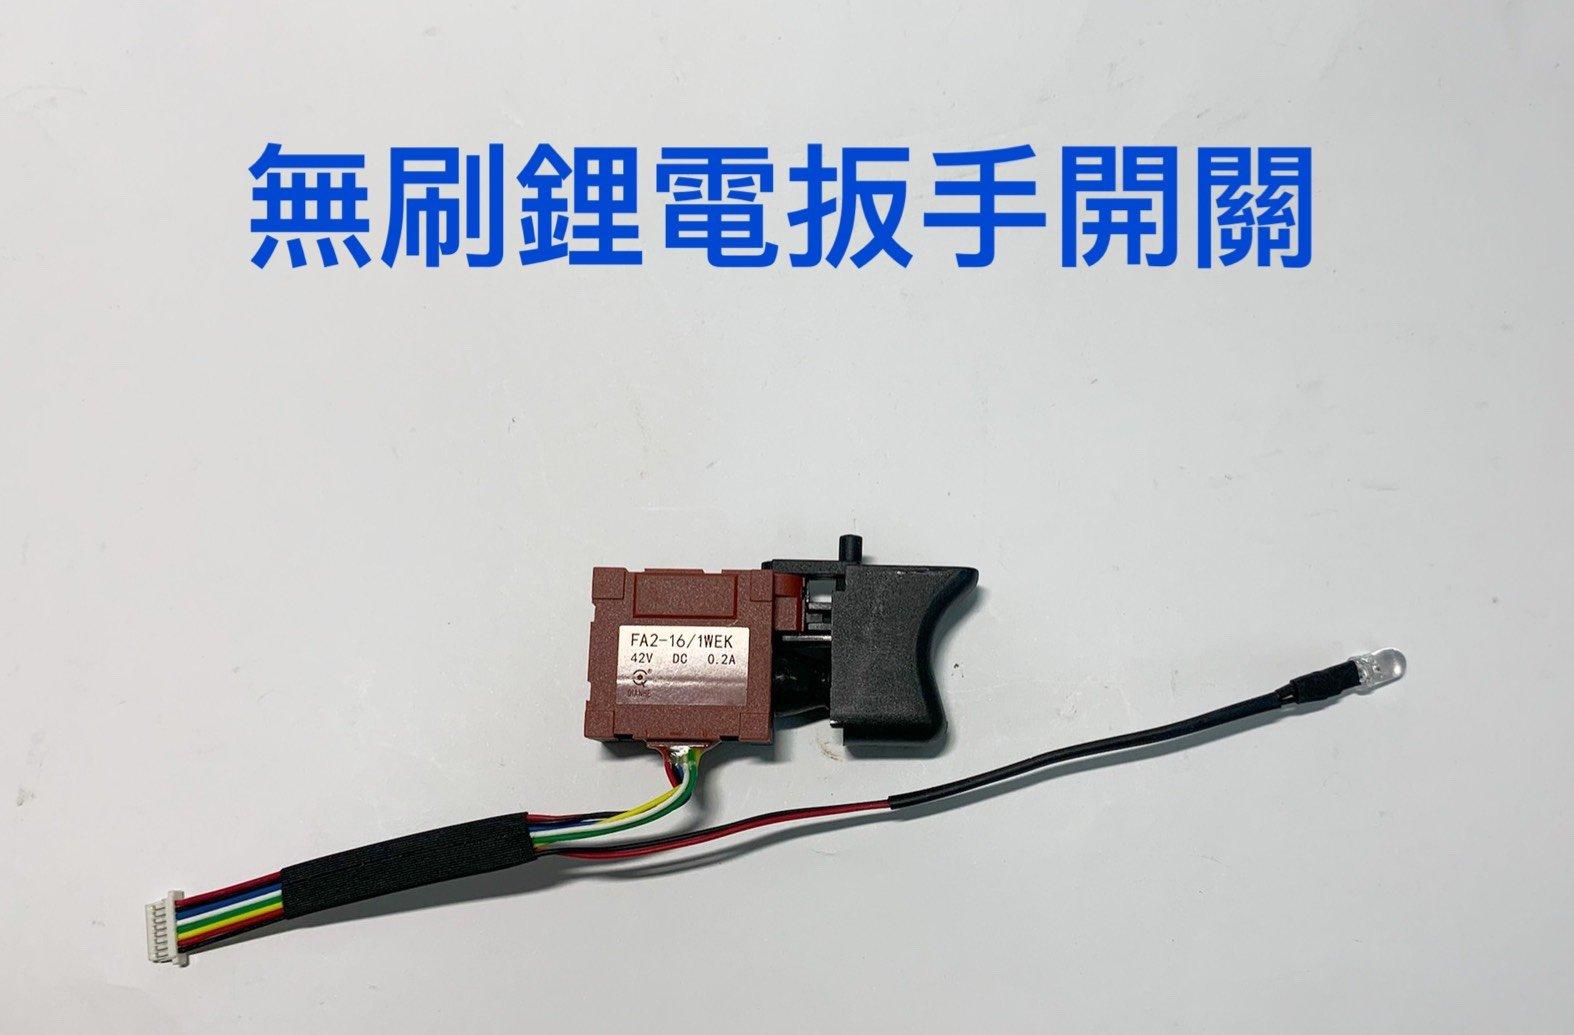 電動工具  21V(18V) 無刷鋰電扳手開關 無刷扳手開關